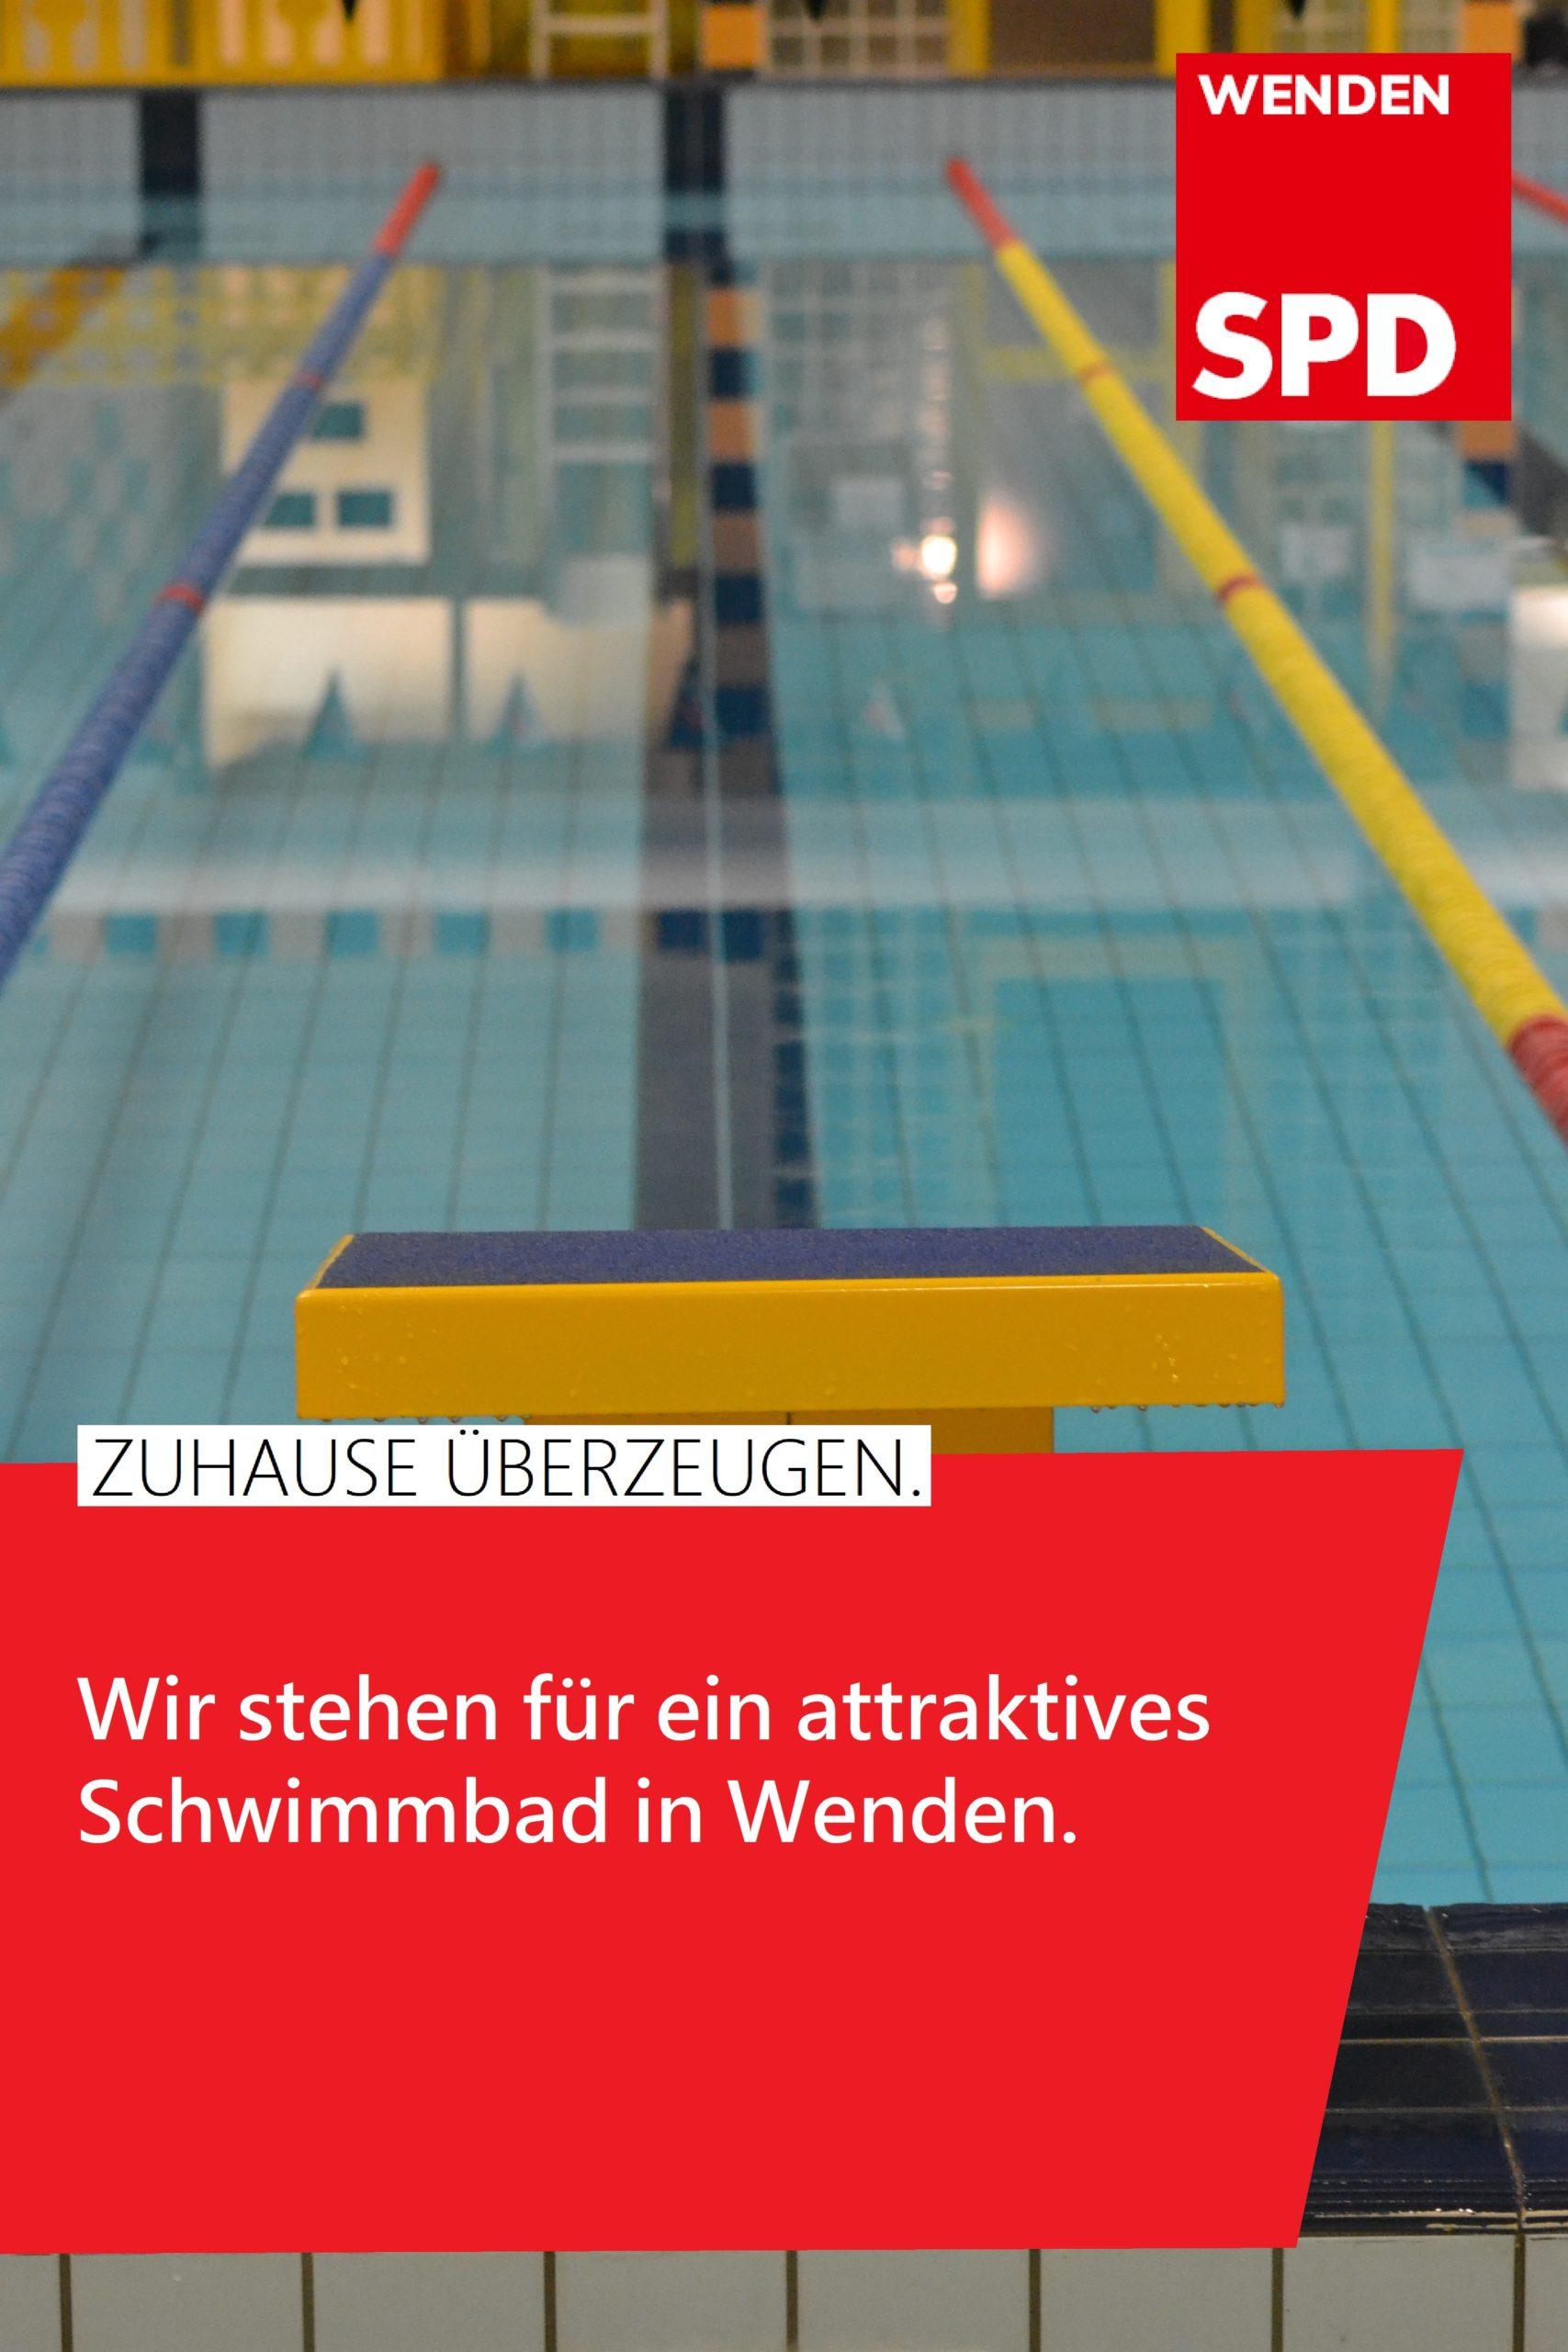 SPD Wenden Kommunalwahl